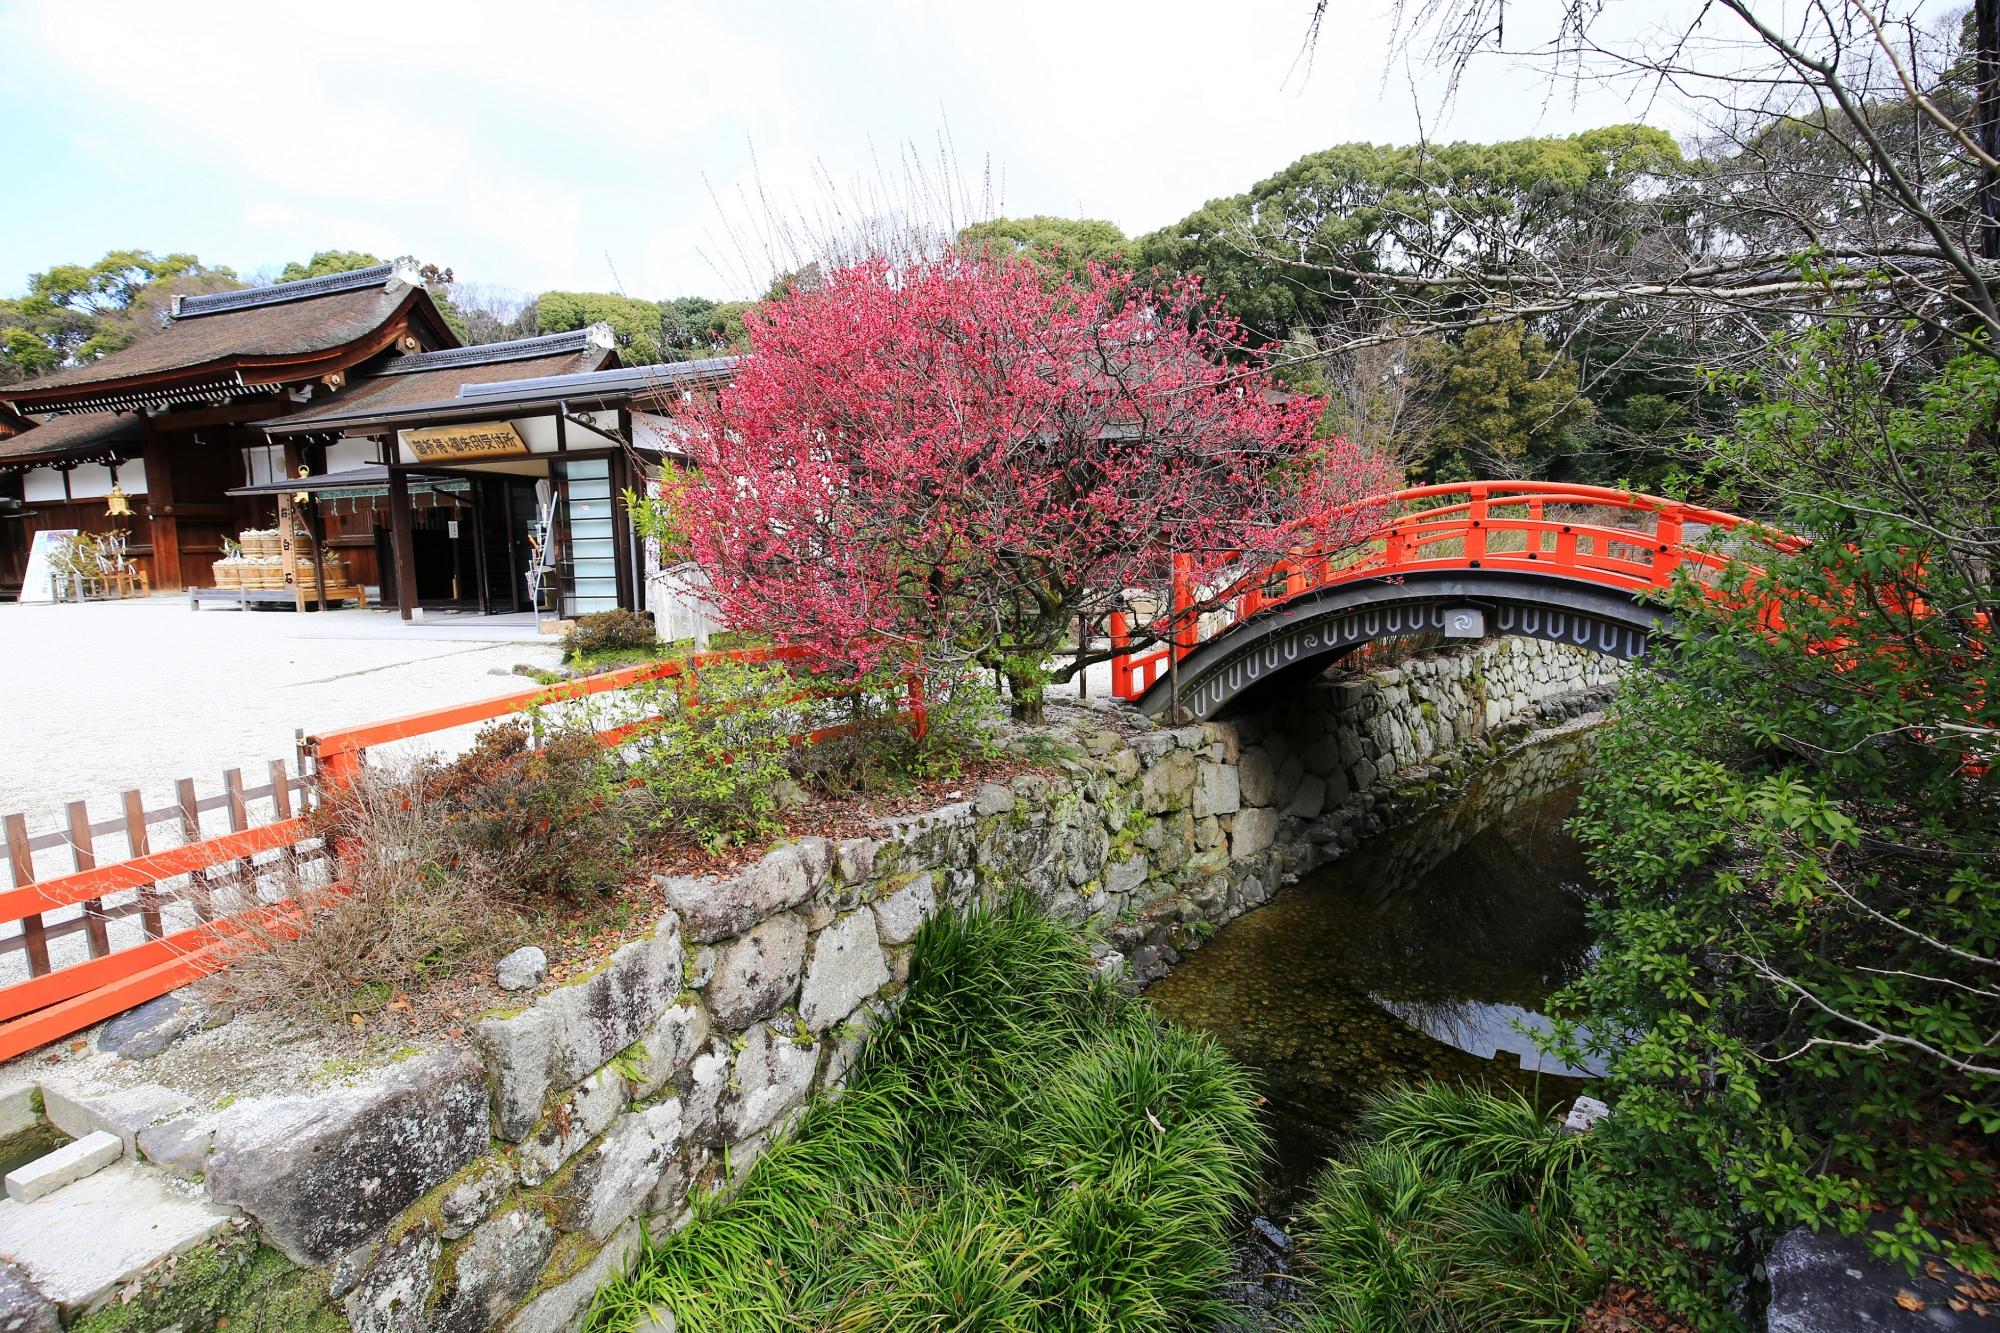 下鴨神社の素晴らしい光琳の梅と情景